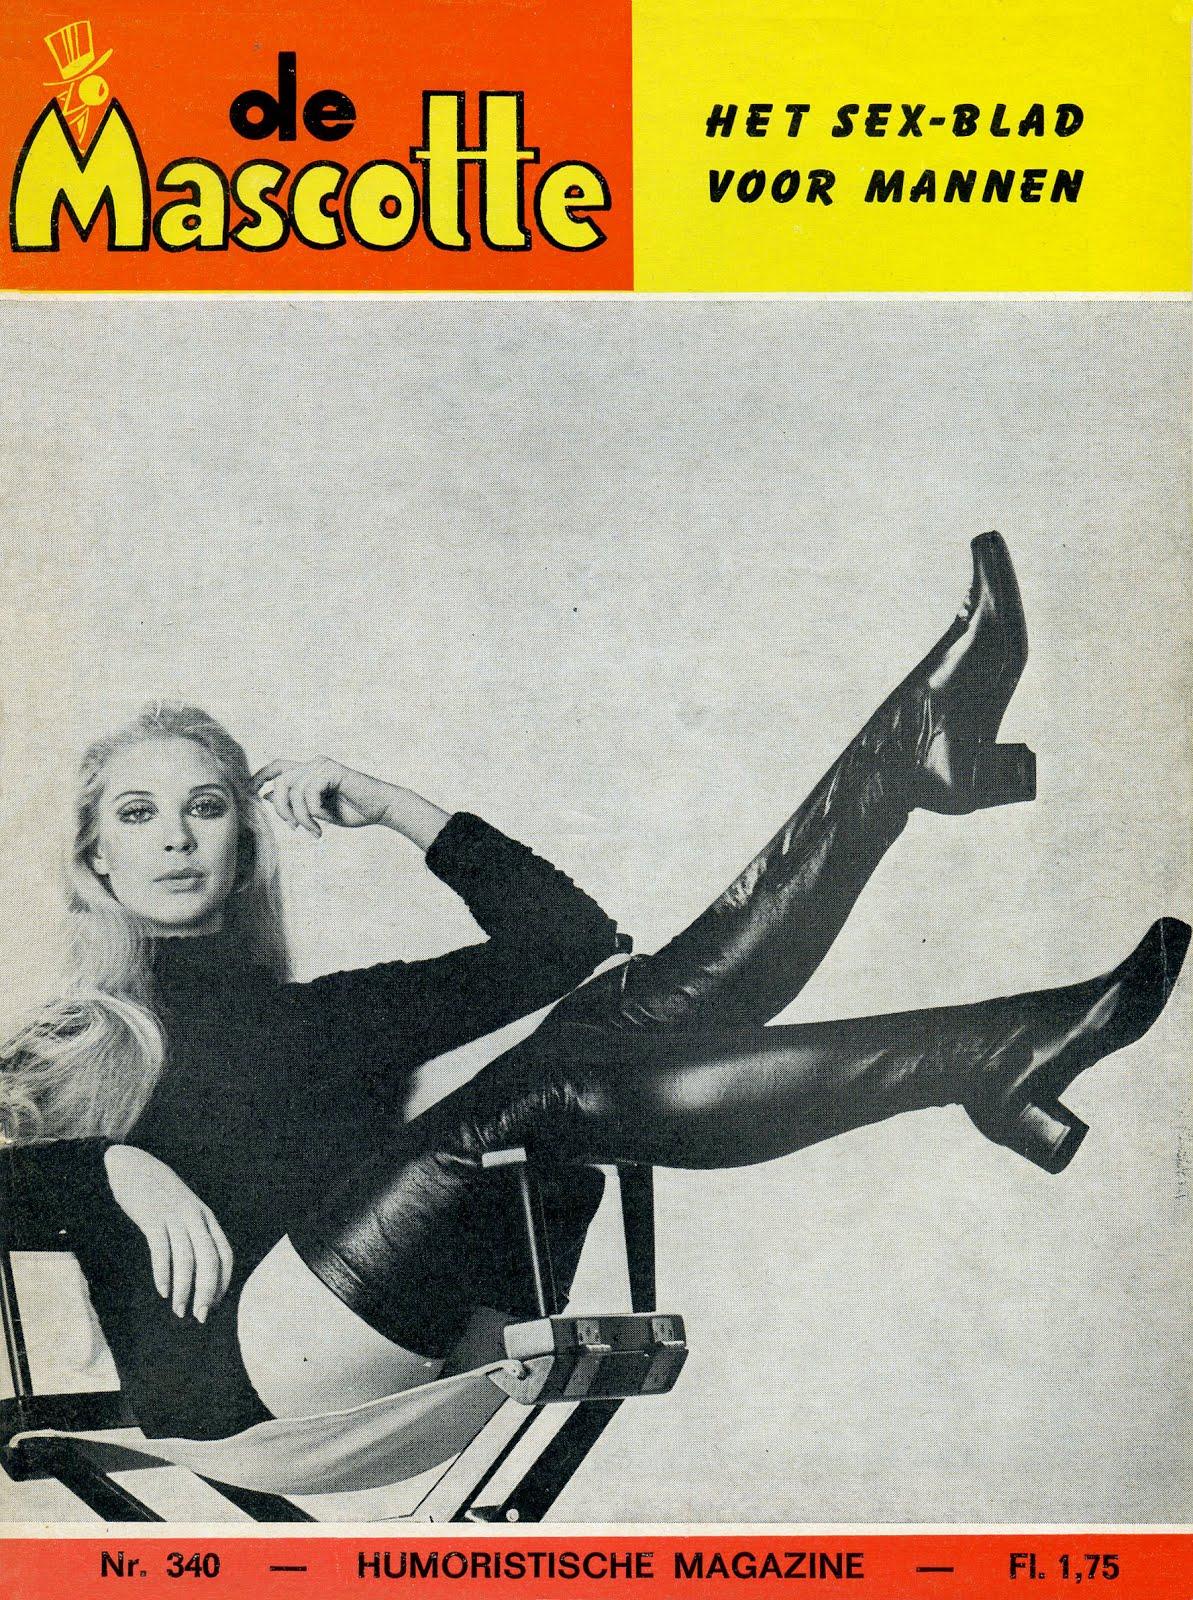 de mascotte HET SEX-BLAD VOOR MANNEN